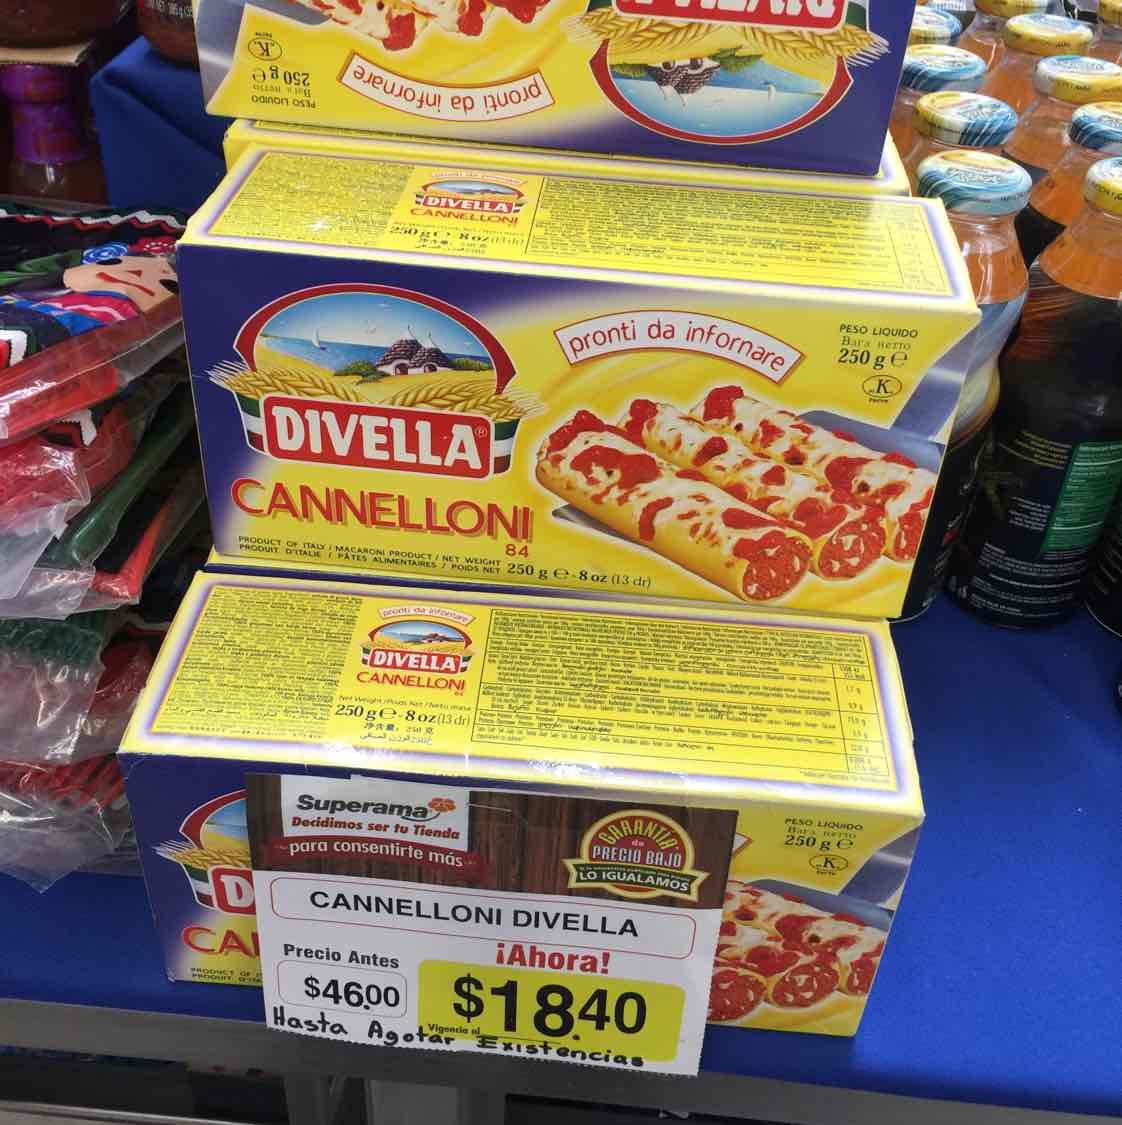 Superama Tlalpan y periférico: Cannelloni Divella a $18.40